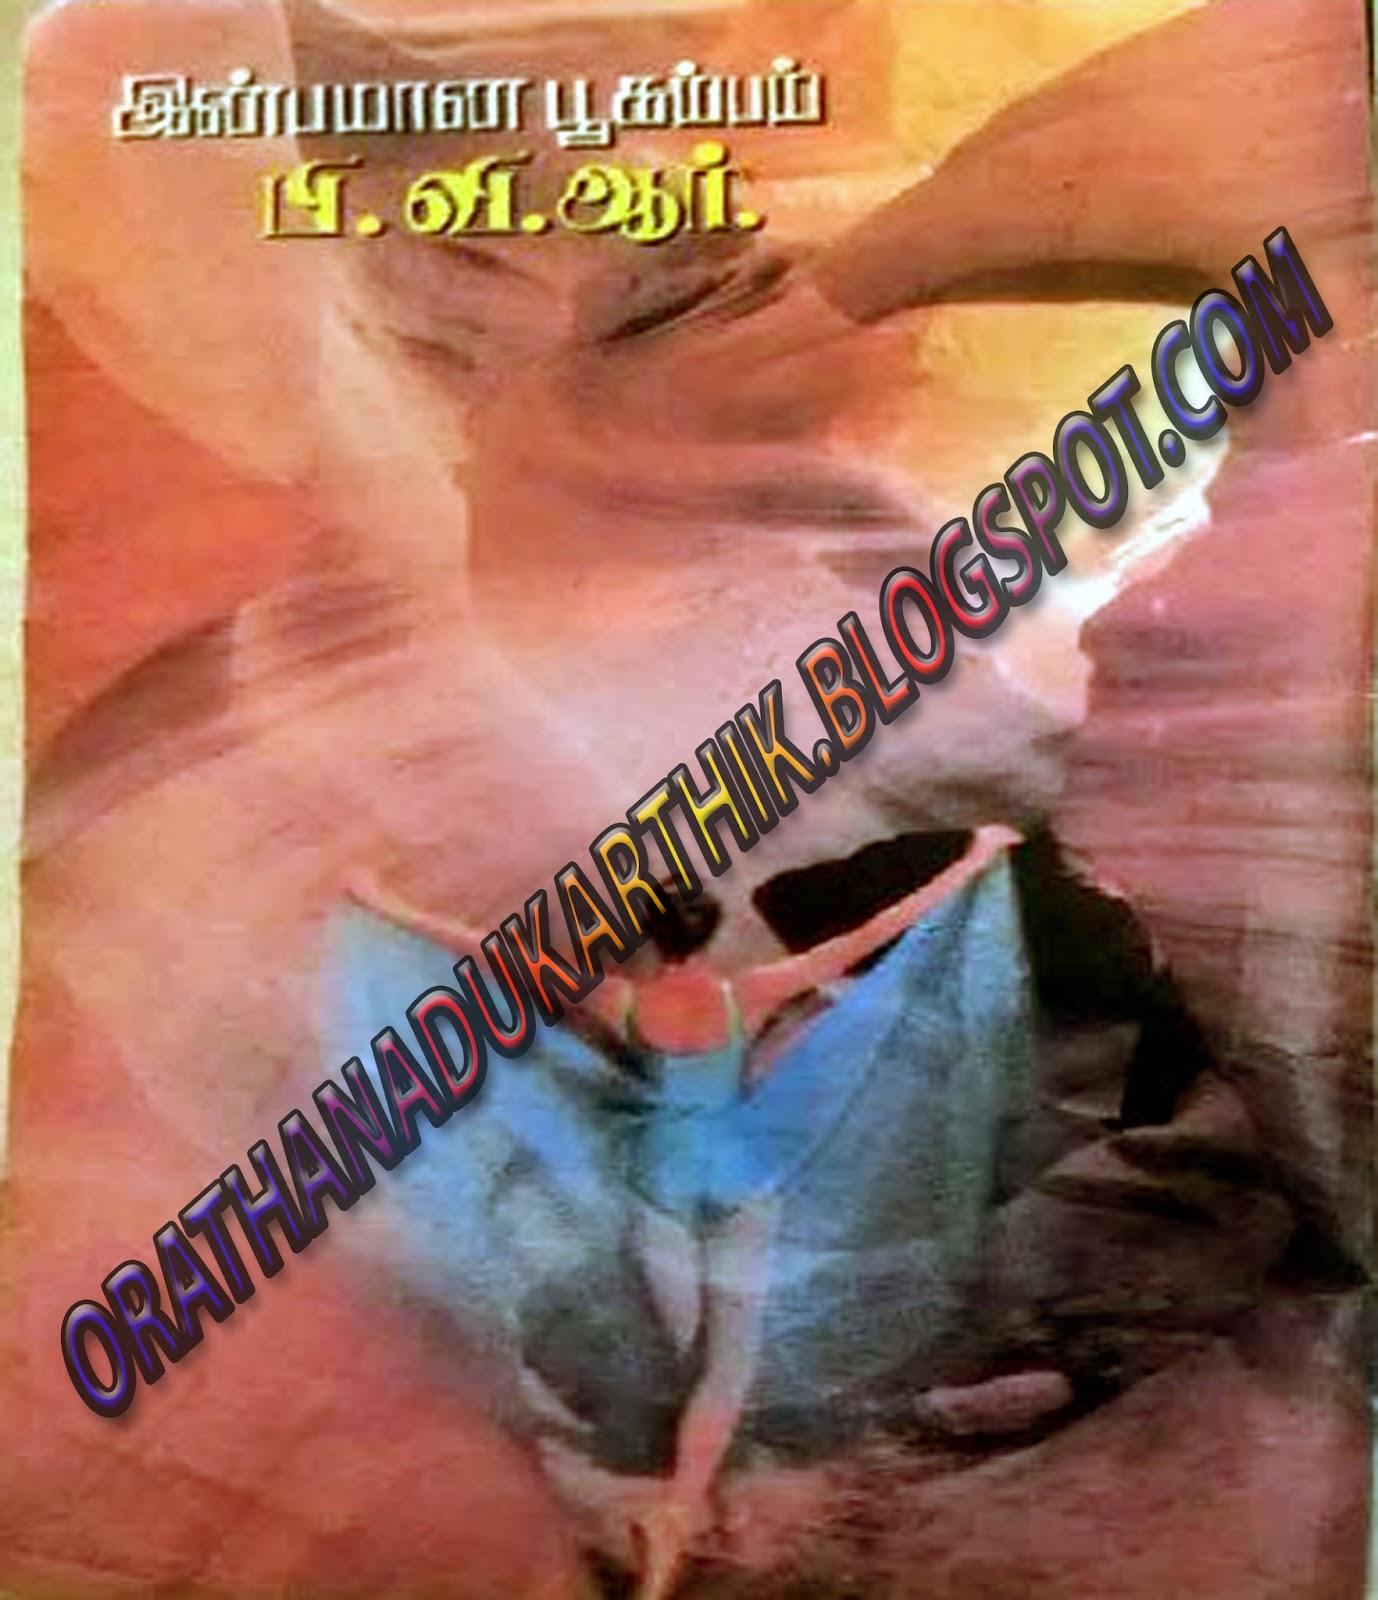 இன்பமான பூகம்பம்-பி .வி .ஆர் நூல்  Untitled-1+copy